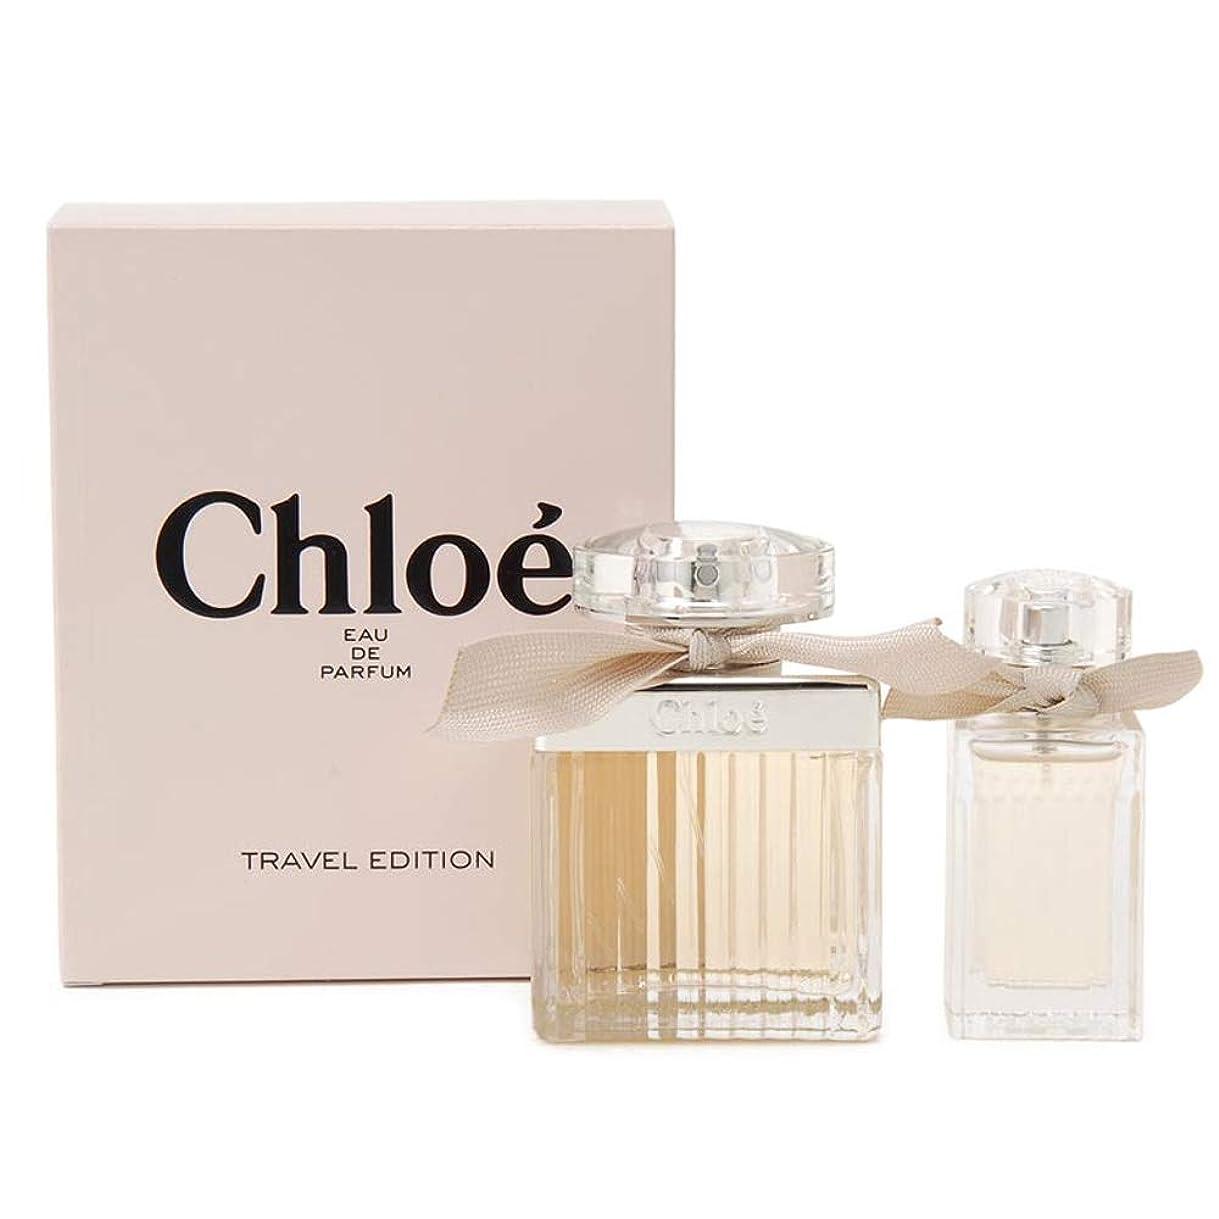 入植者ボトルじゃないクロエ chloe オードパルファム 香水セット 20ml 75ml 2P 香水 レディース 女性用 フレグランス [並行輸入品]